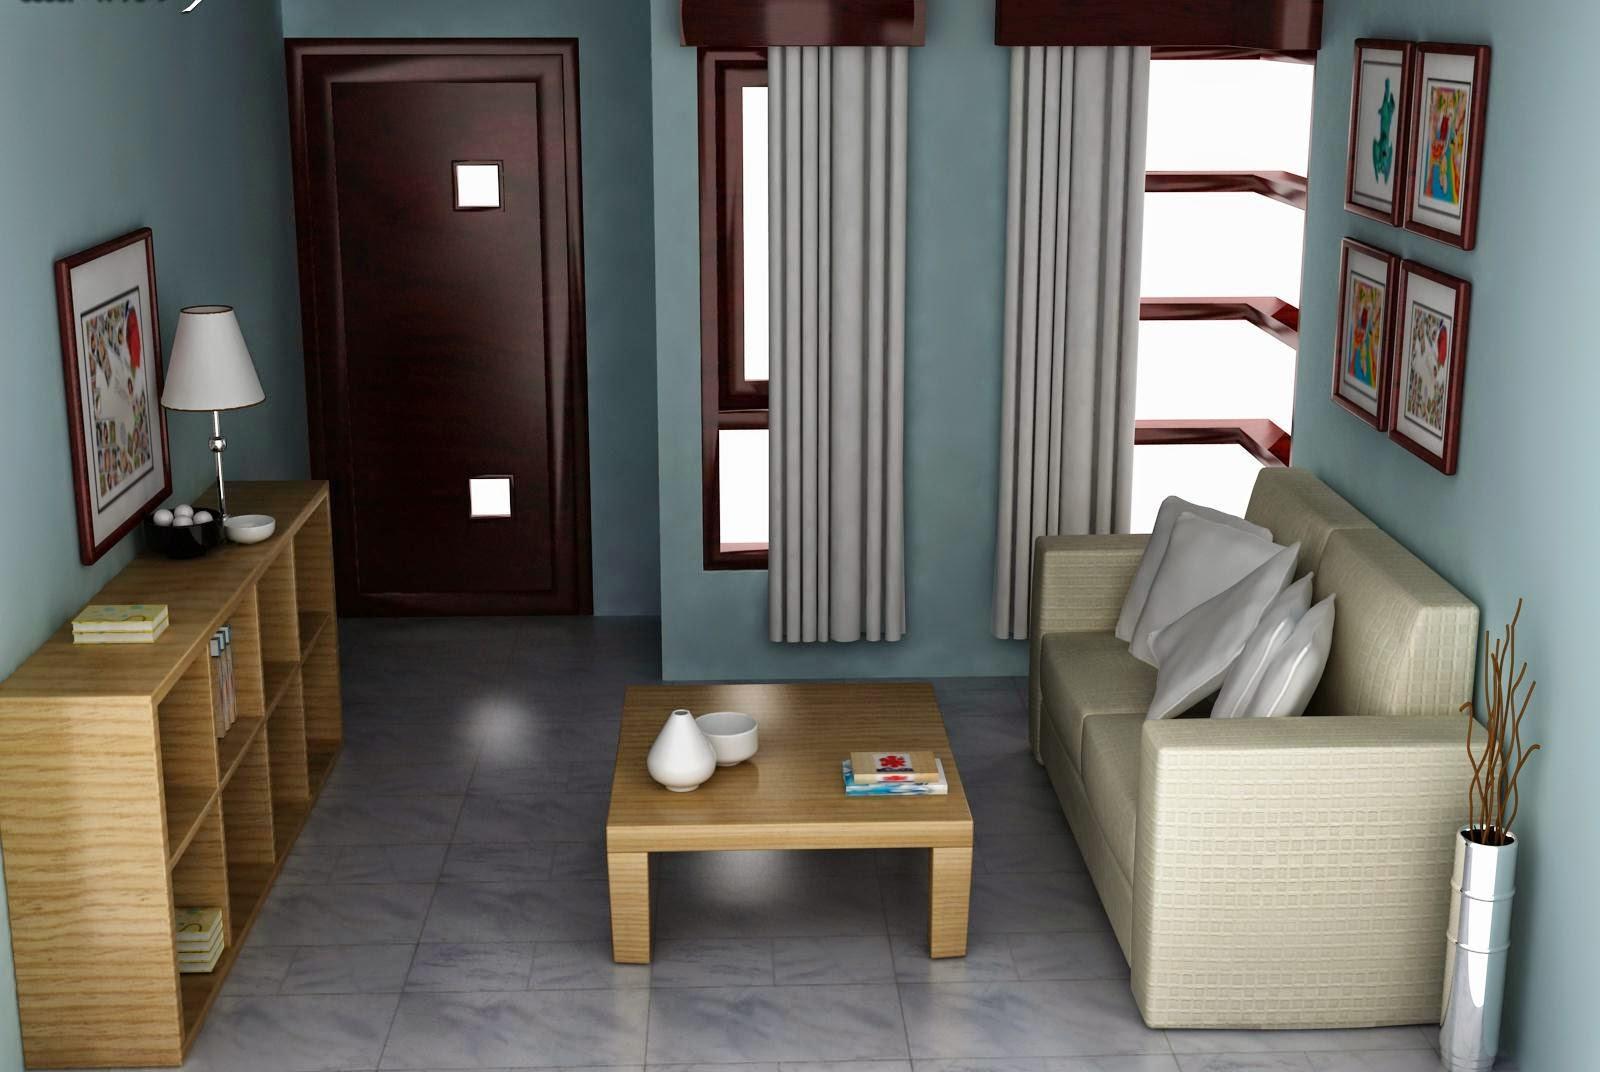 dekorasi ruang tamu kecil minimalis terbaru 2016